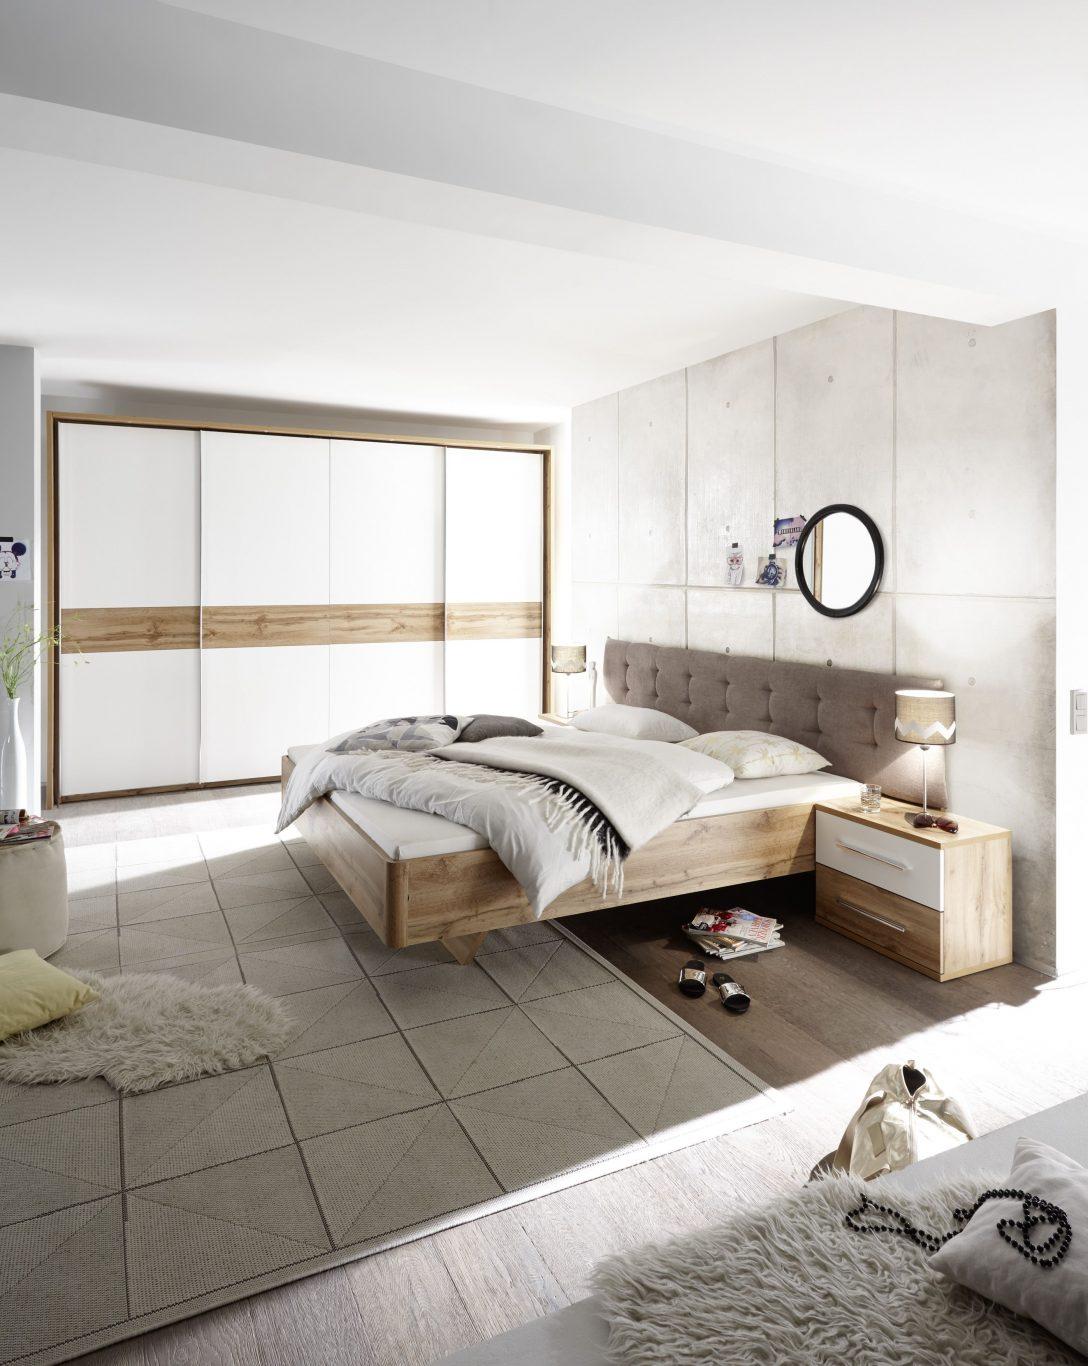 Large Size of Mbel Gnstig 24 Schlafzimmer Komplett Set 5 Tlg Bergamo Bett 180 Schränke Weißes Schrank Stuhl Für Weiß Komplette Wandbilder Deckenleuchten Rauch Massivholz Schlafzimmer Günstige Schlafzimmer